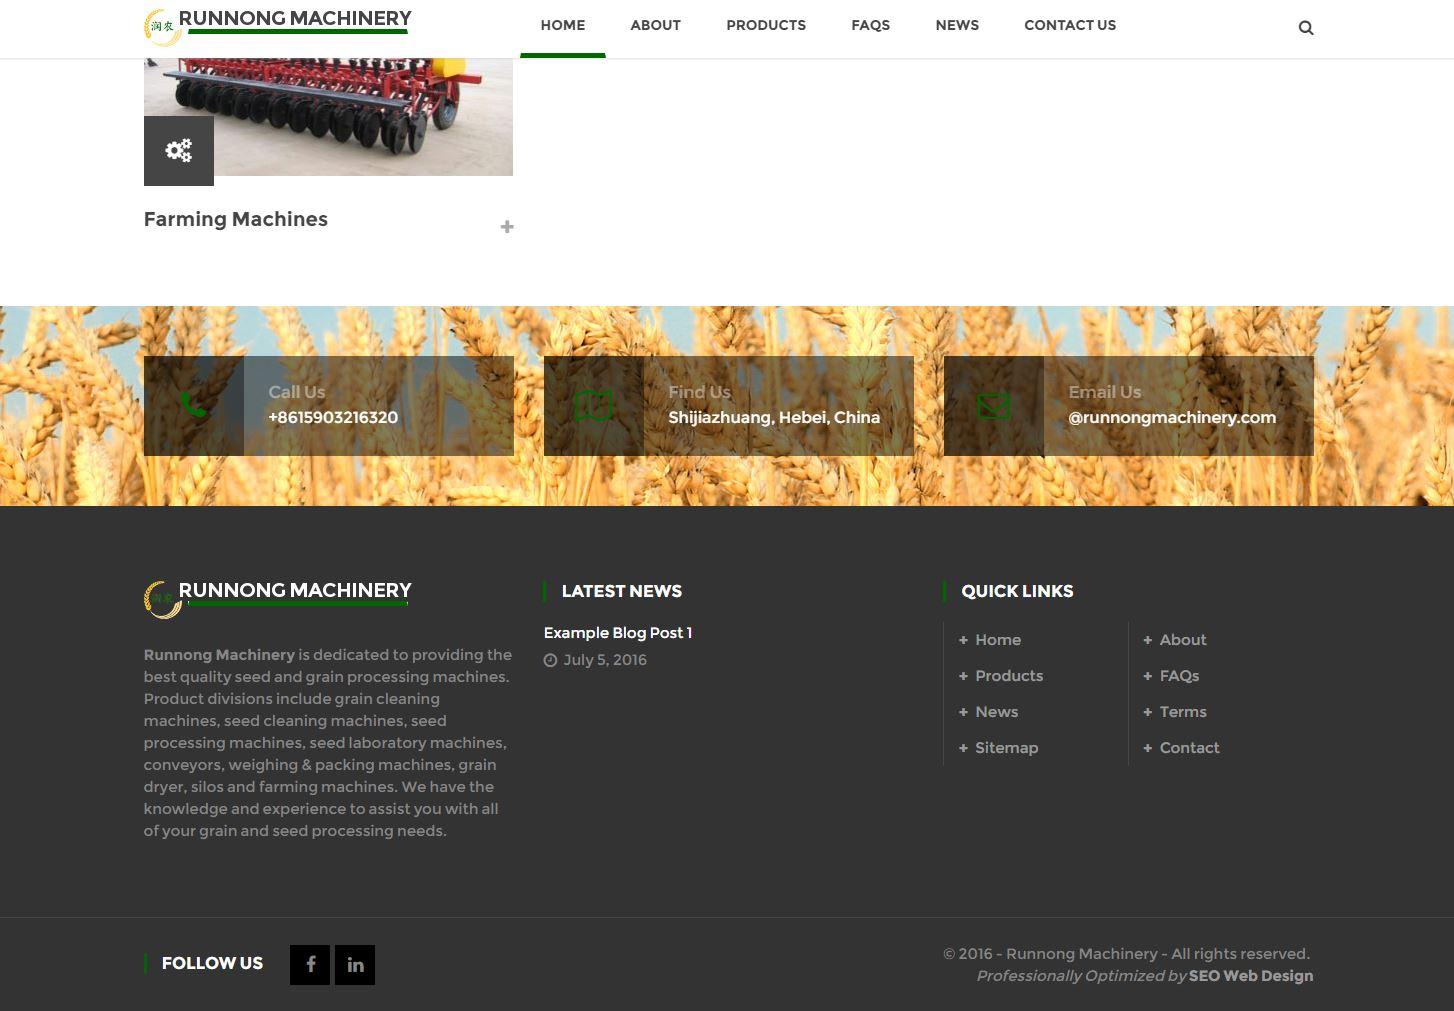 Industrial Website Design rm3